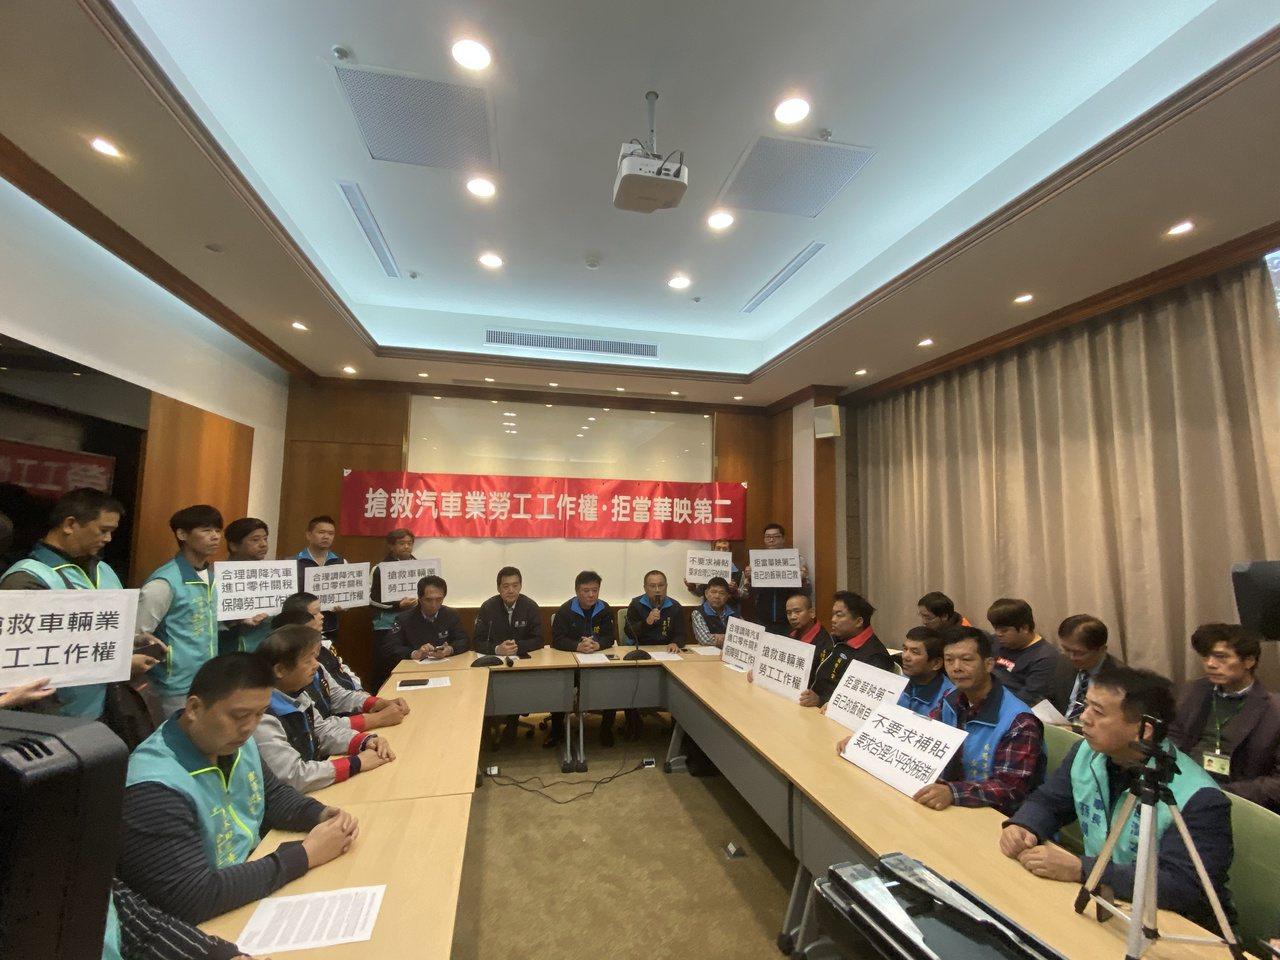 汽車勞工代表要求政府正視30萬勞工工作權。 記者邱馨儀/攝影